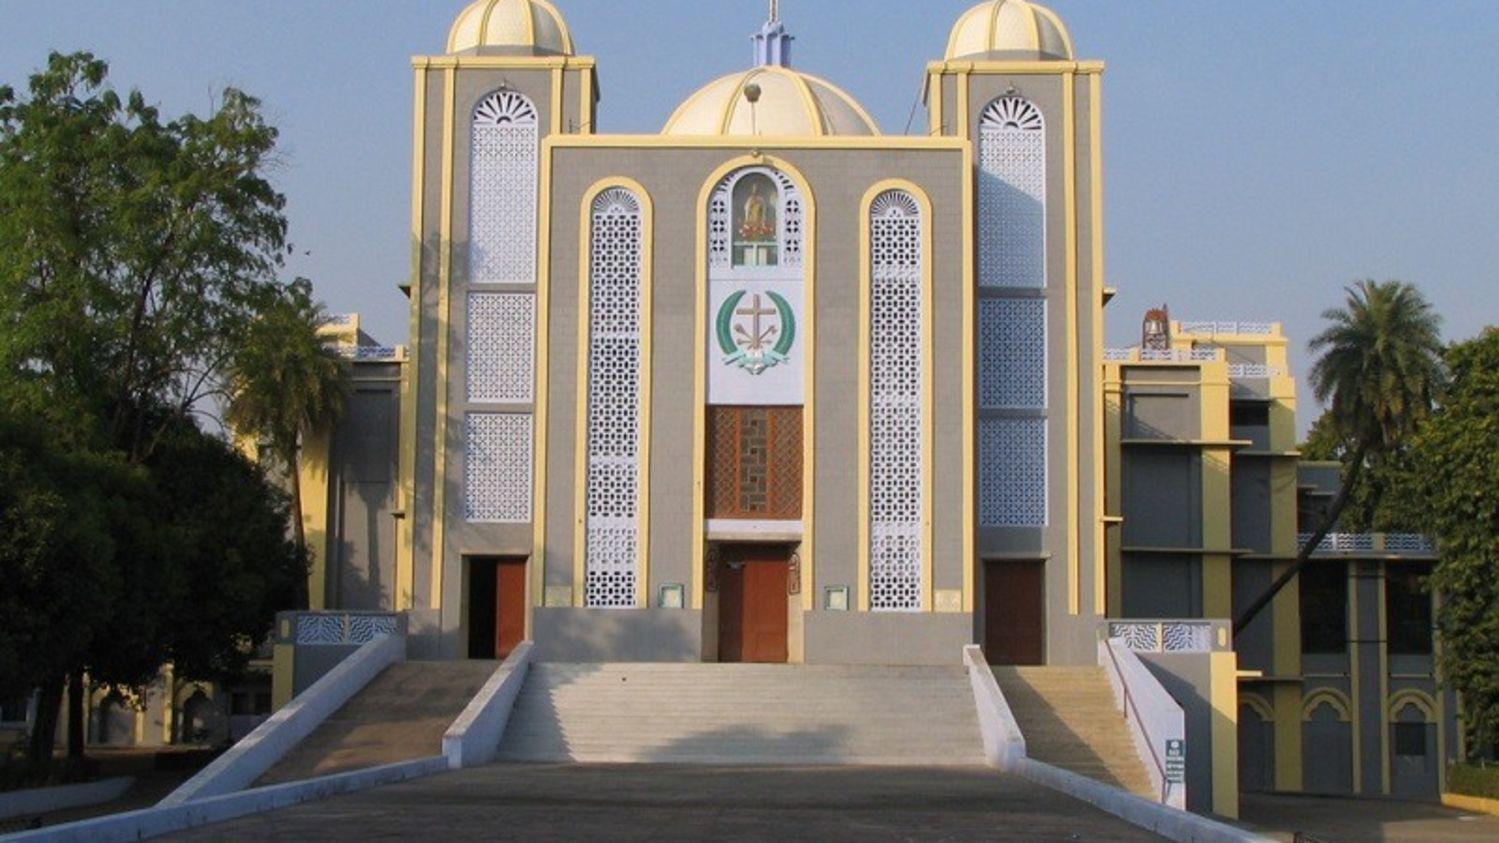 St. Judes Shrine near nataraj sarovar portico, hotel near jhansi railway station